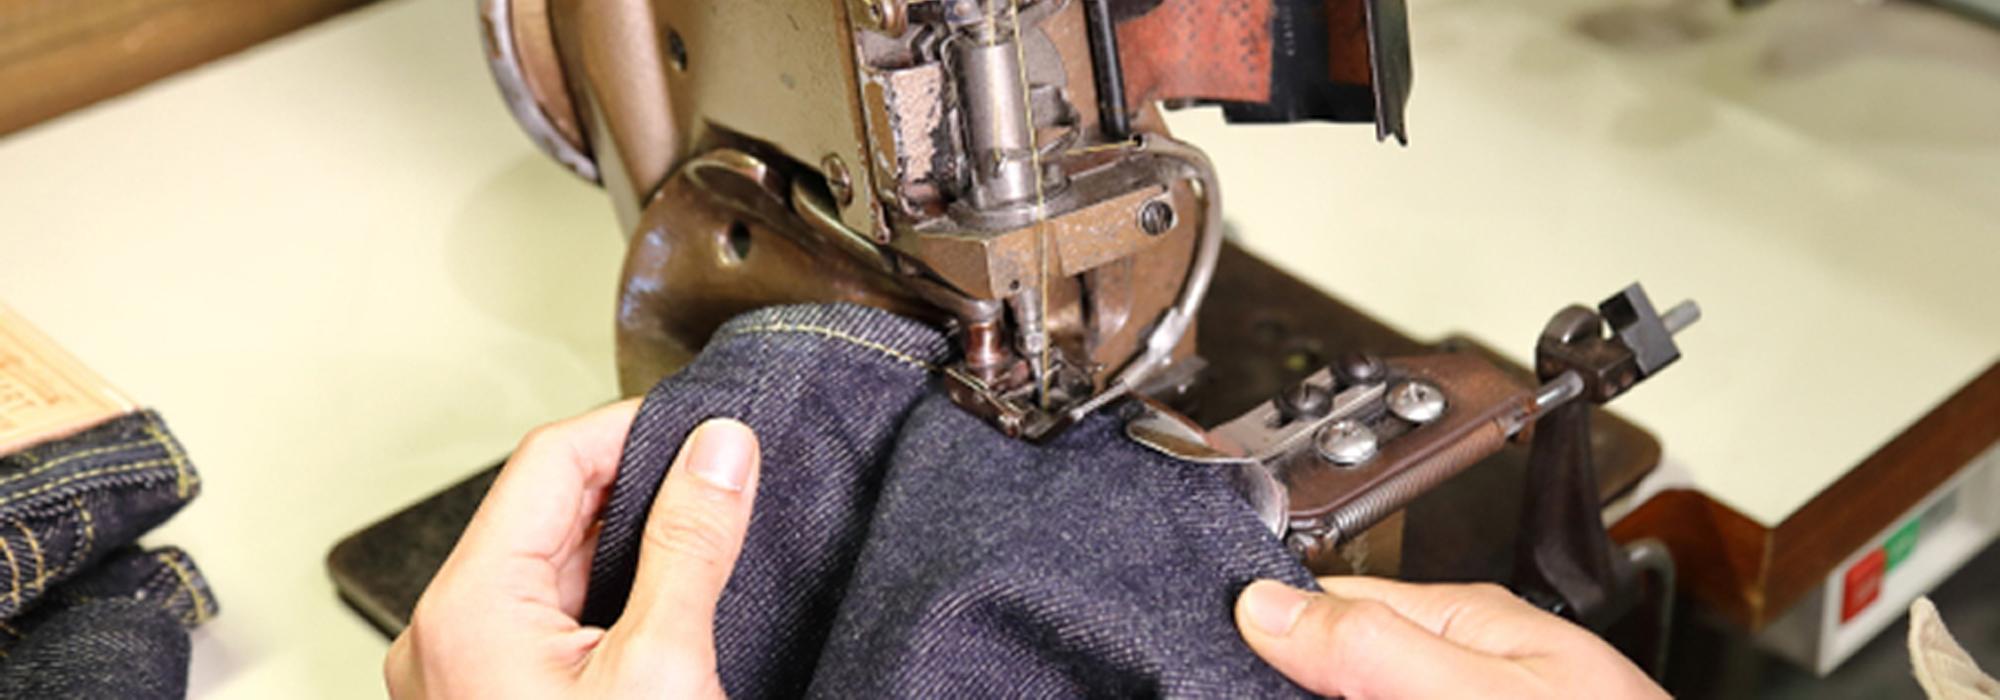 アイアンハートではご購入いただいた全てのジーンズおよびパンツの裾上げを無料で行っております。